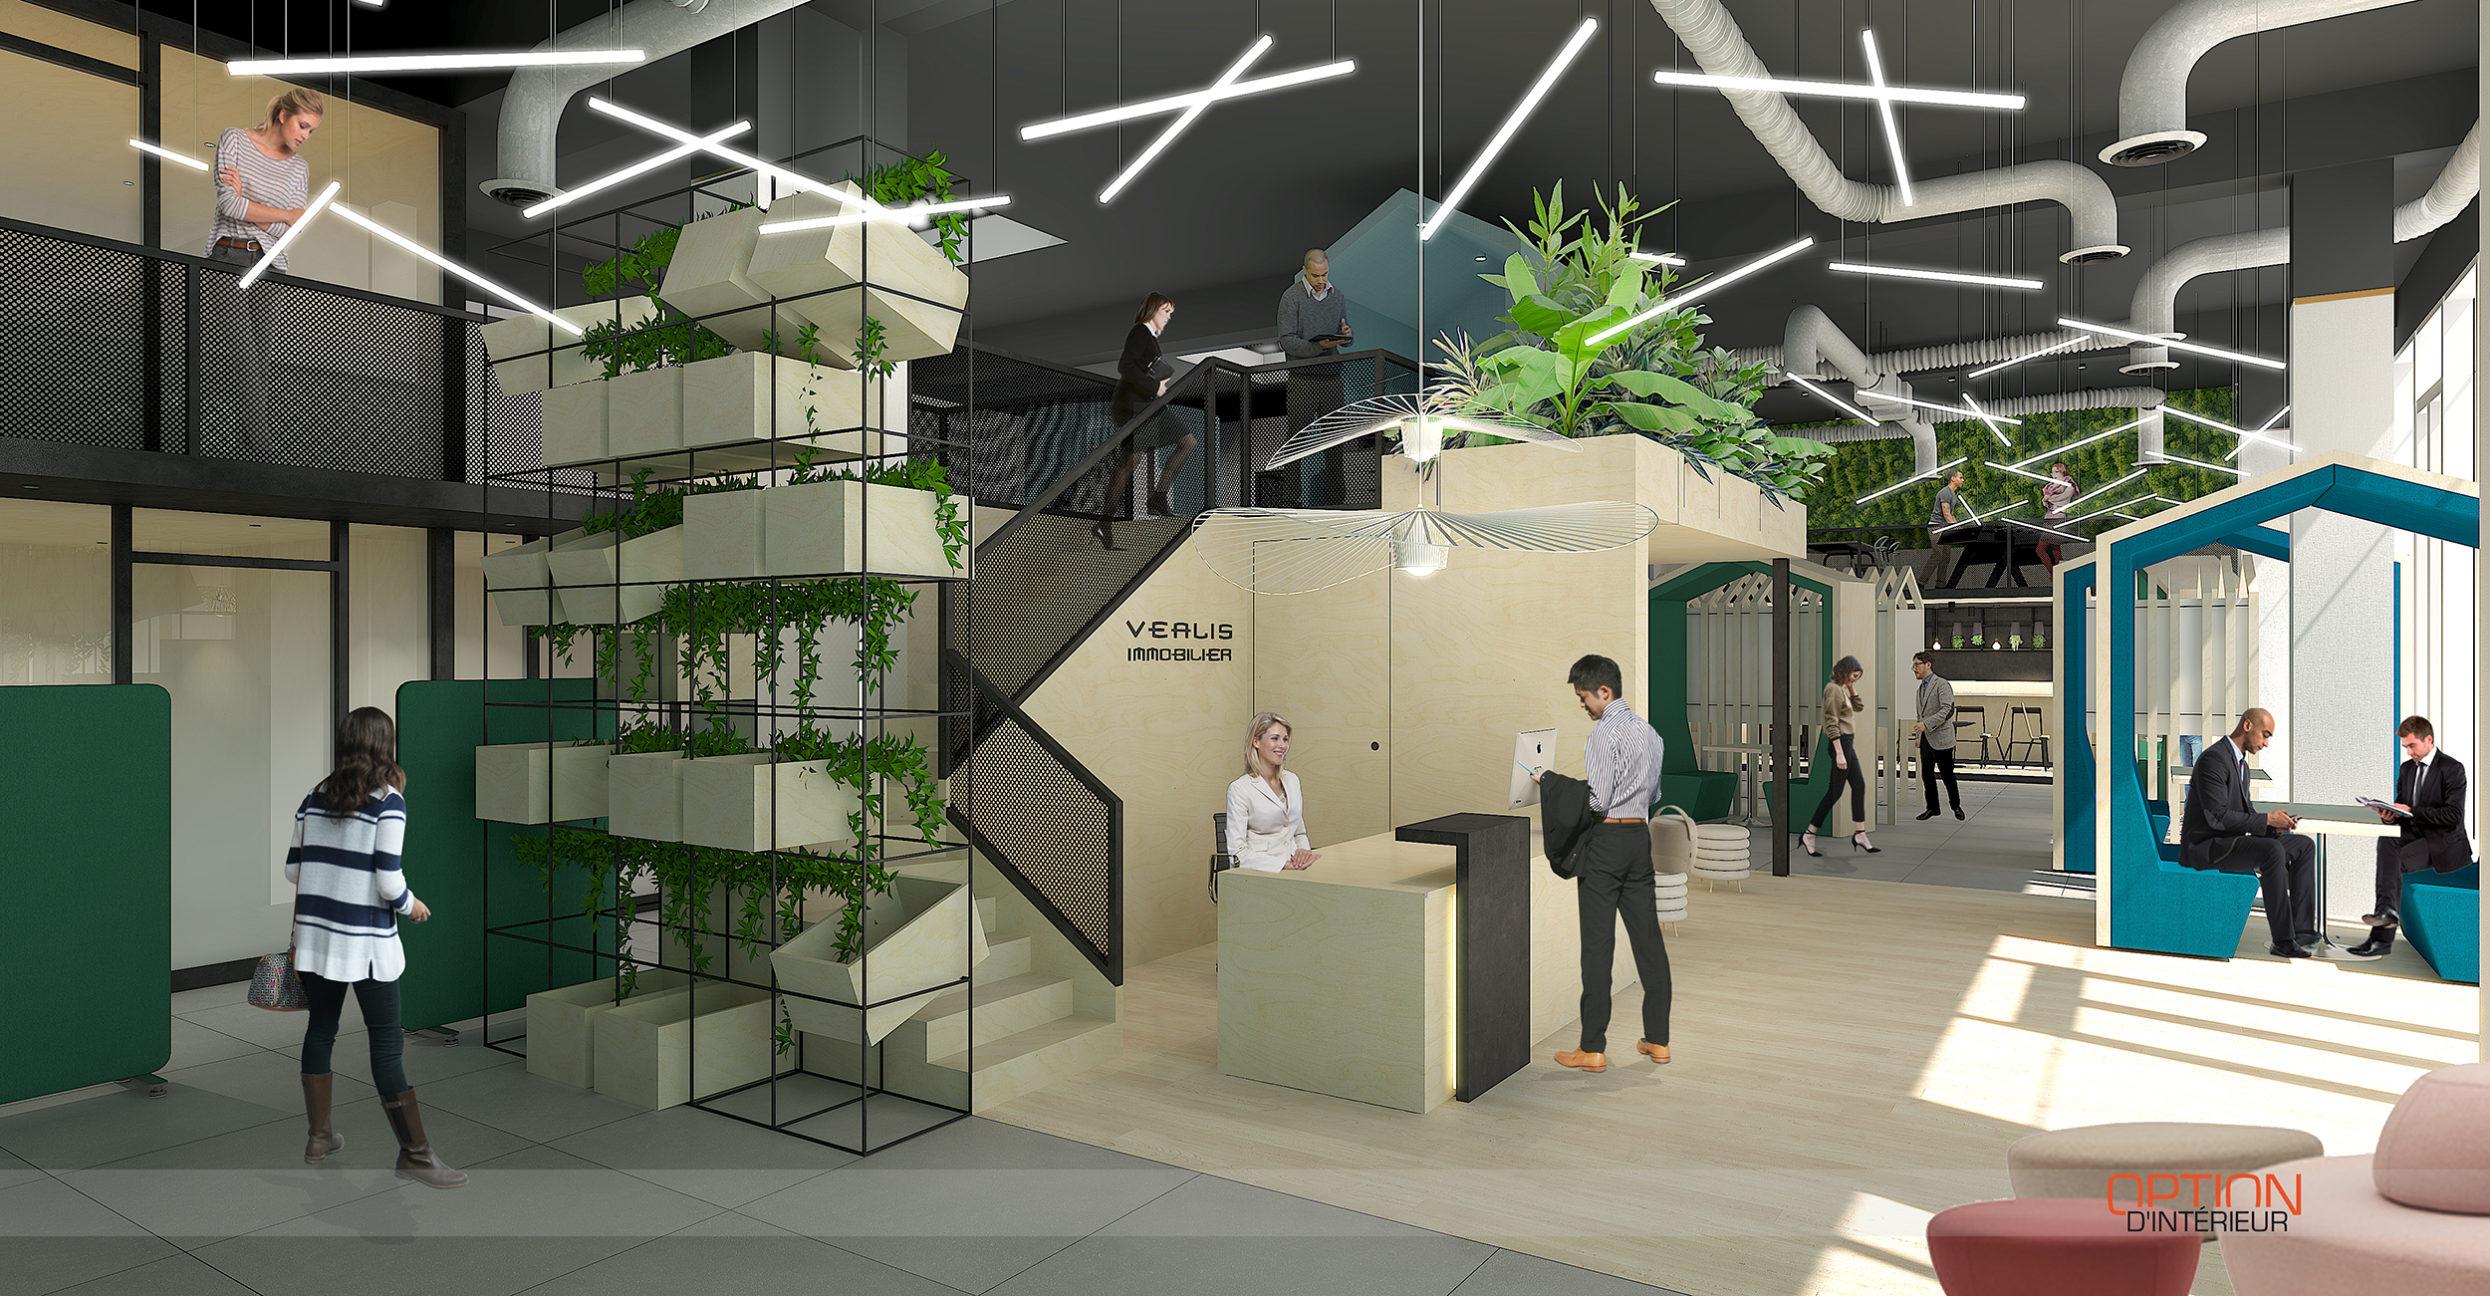 Agence d'architecture intérieure et agencer de bureaux commerciaux du siège social de Véalis immobilier